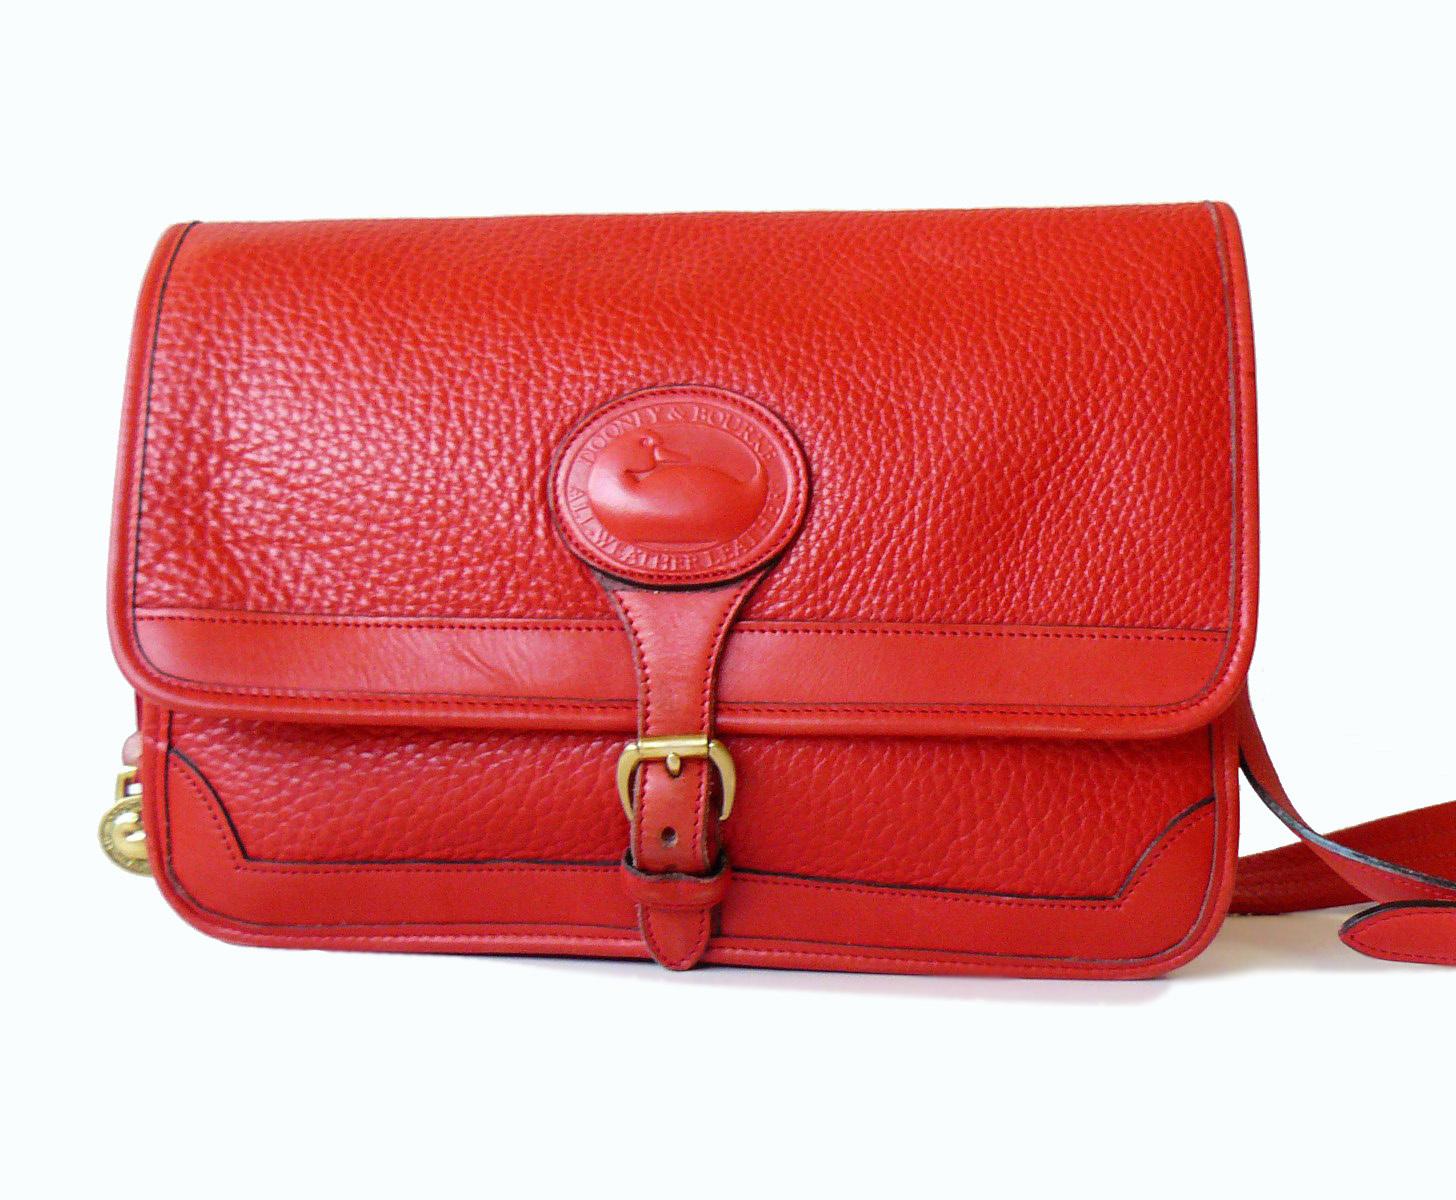 Dooney & Bourke Surrey Watermelon Red AWL Large Messenger Shoulder Bag